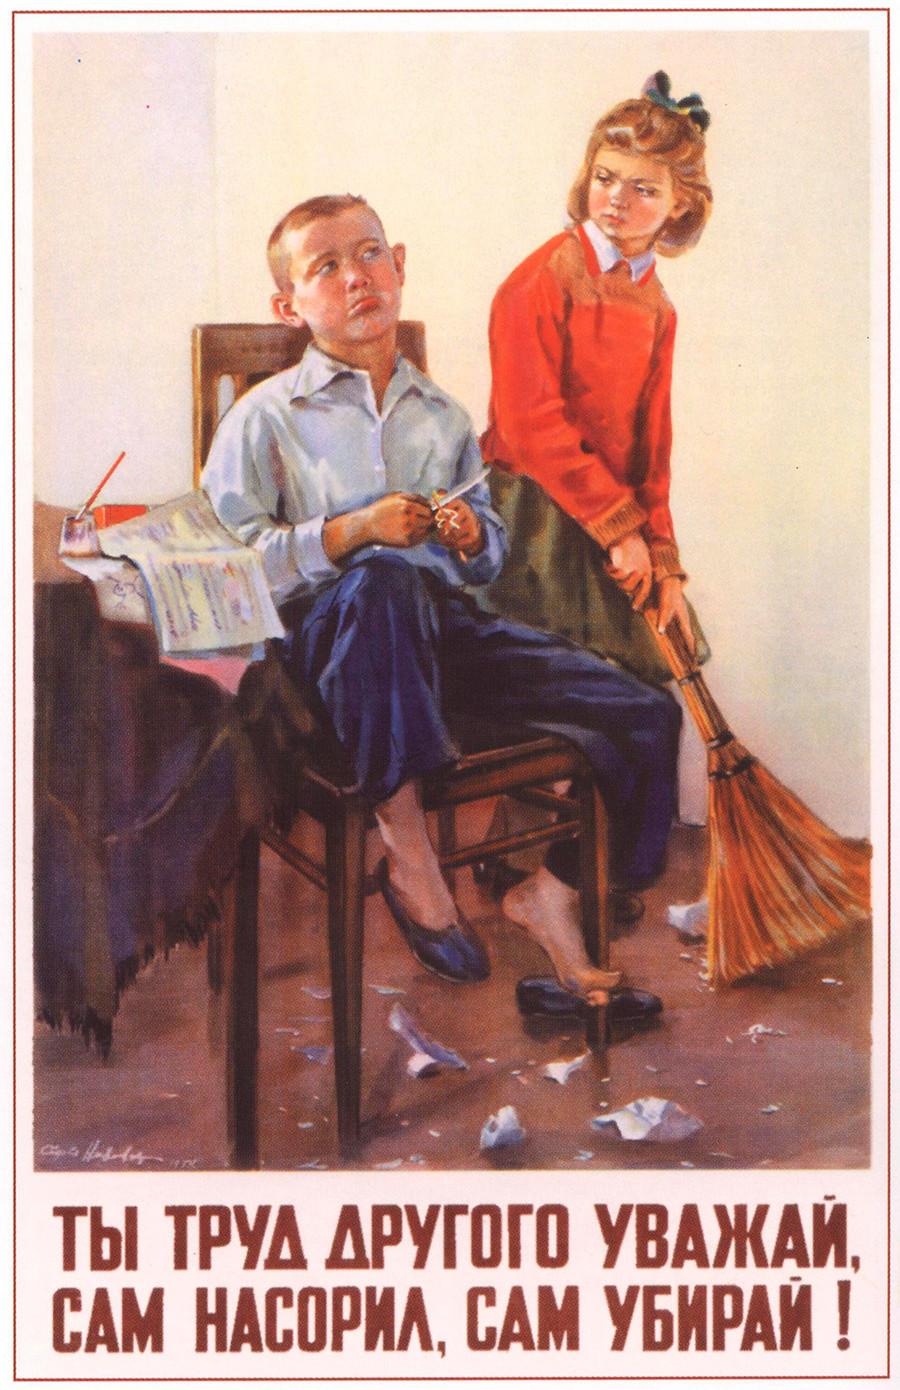 Respectez le travail des autres ! Vous avez mis du désordre – nettoyez !